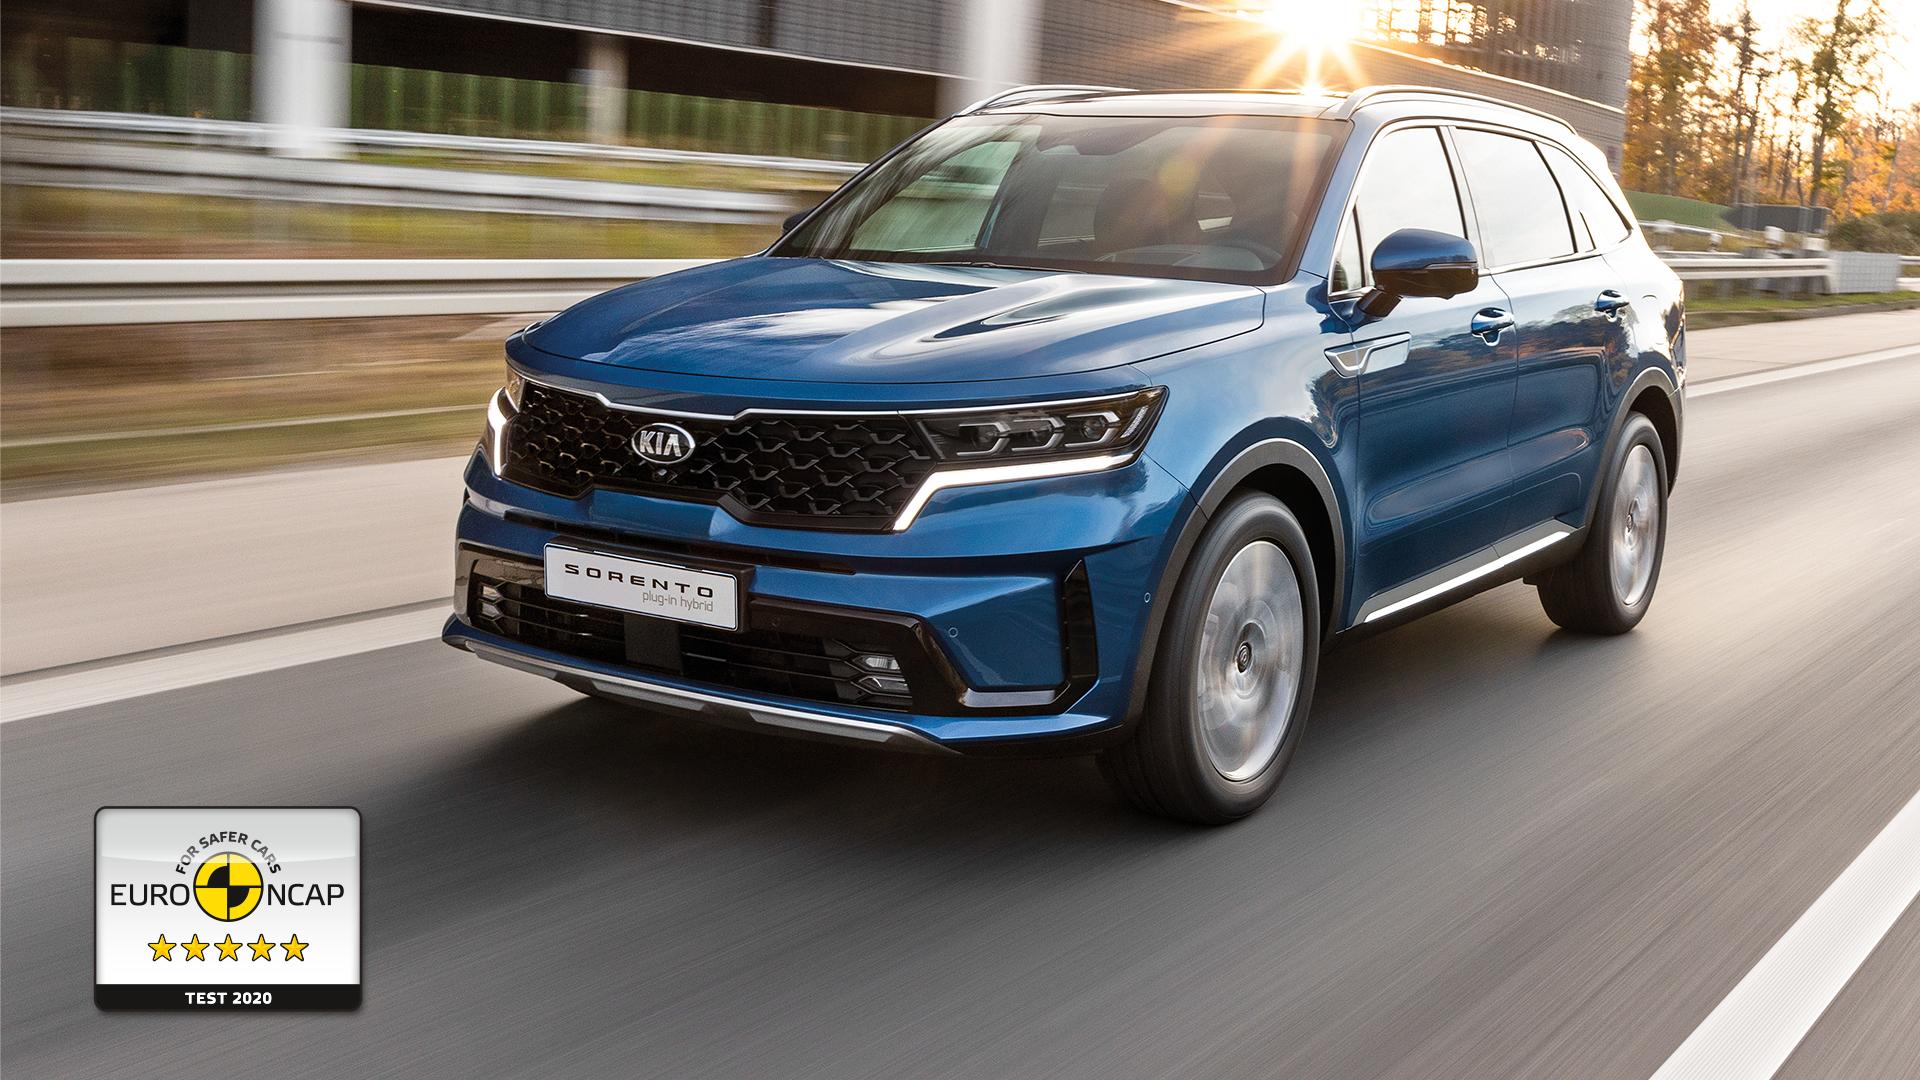 Новый KIA Sorento получил высший рейтинг безопасности Euro NCAP